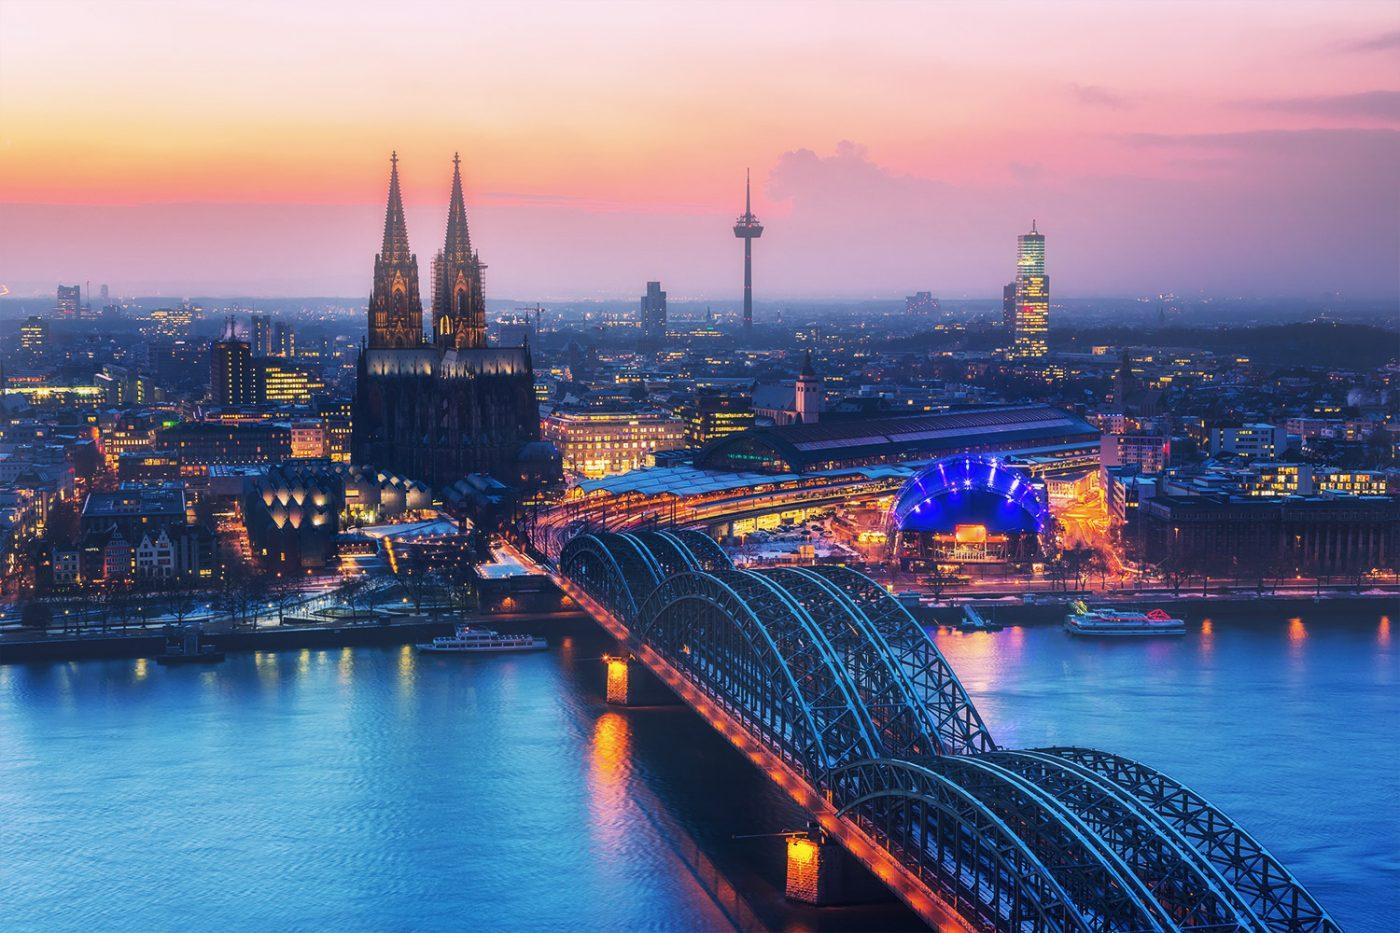 Ein Blick aus der Vogelperspektive auf Köln bei Nacht.